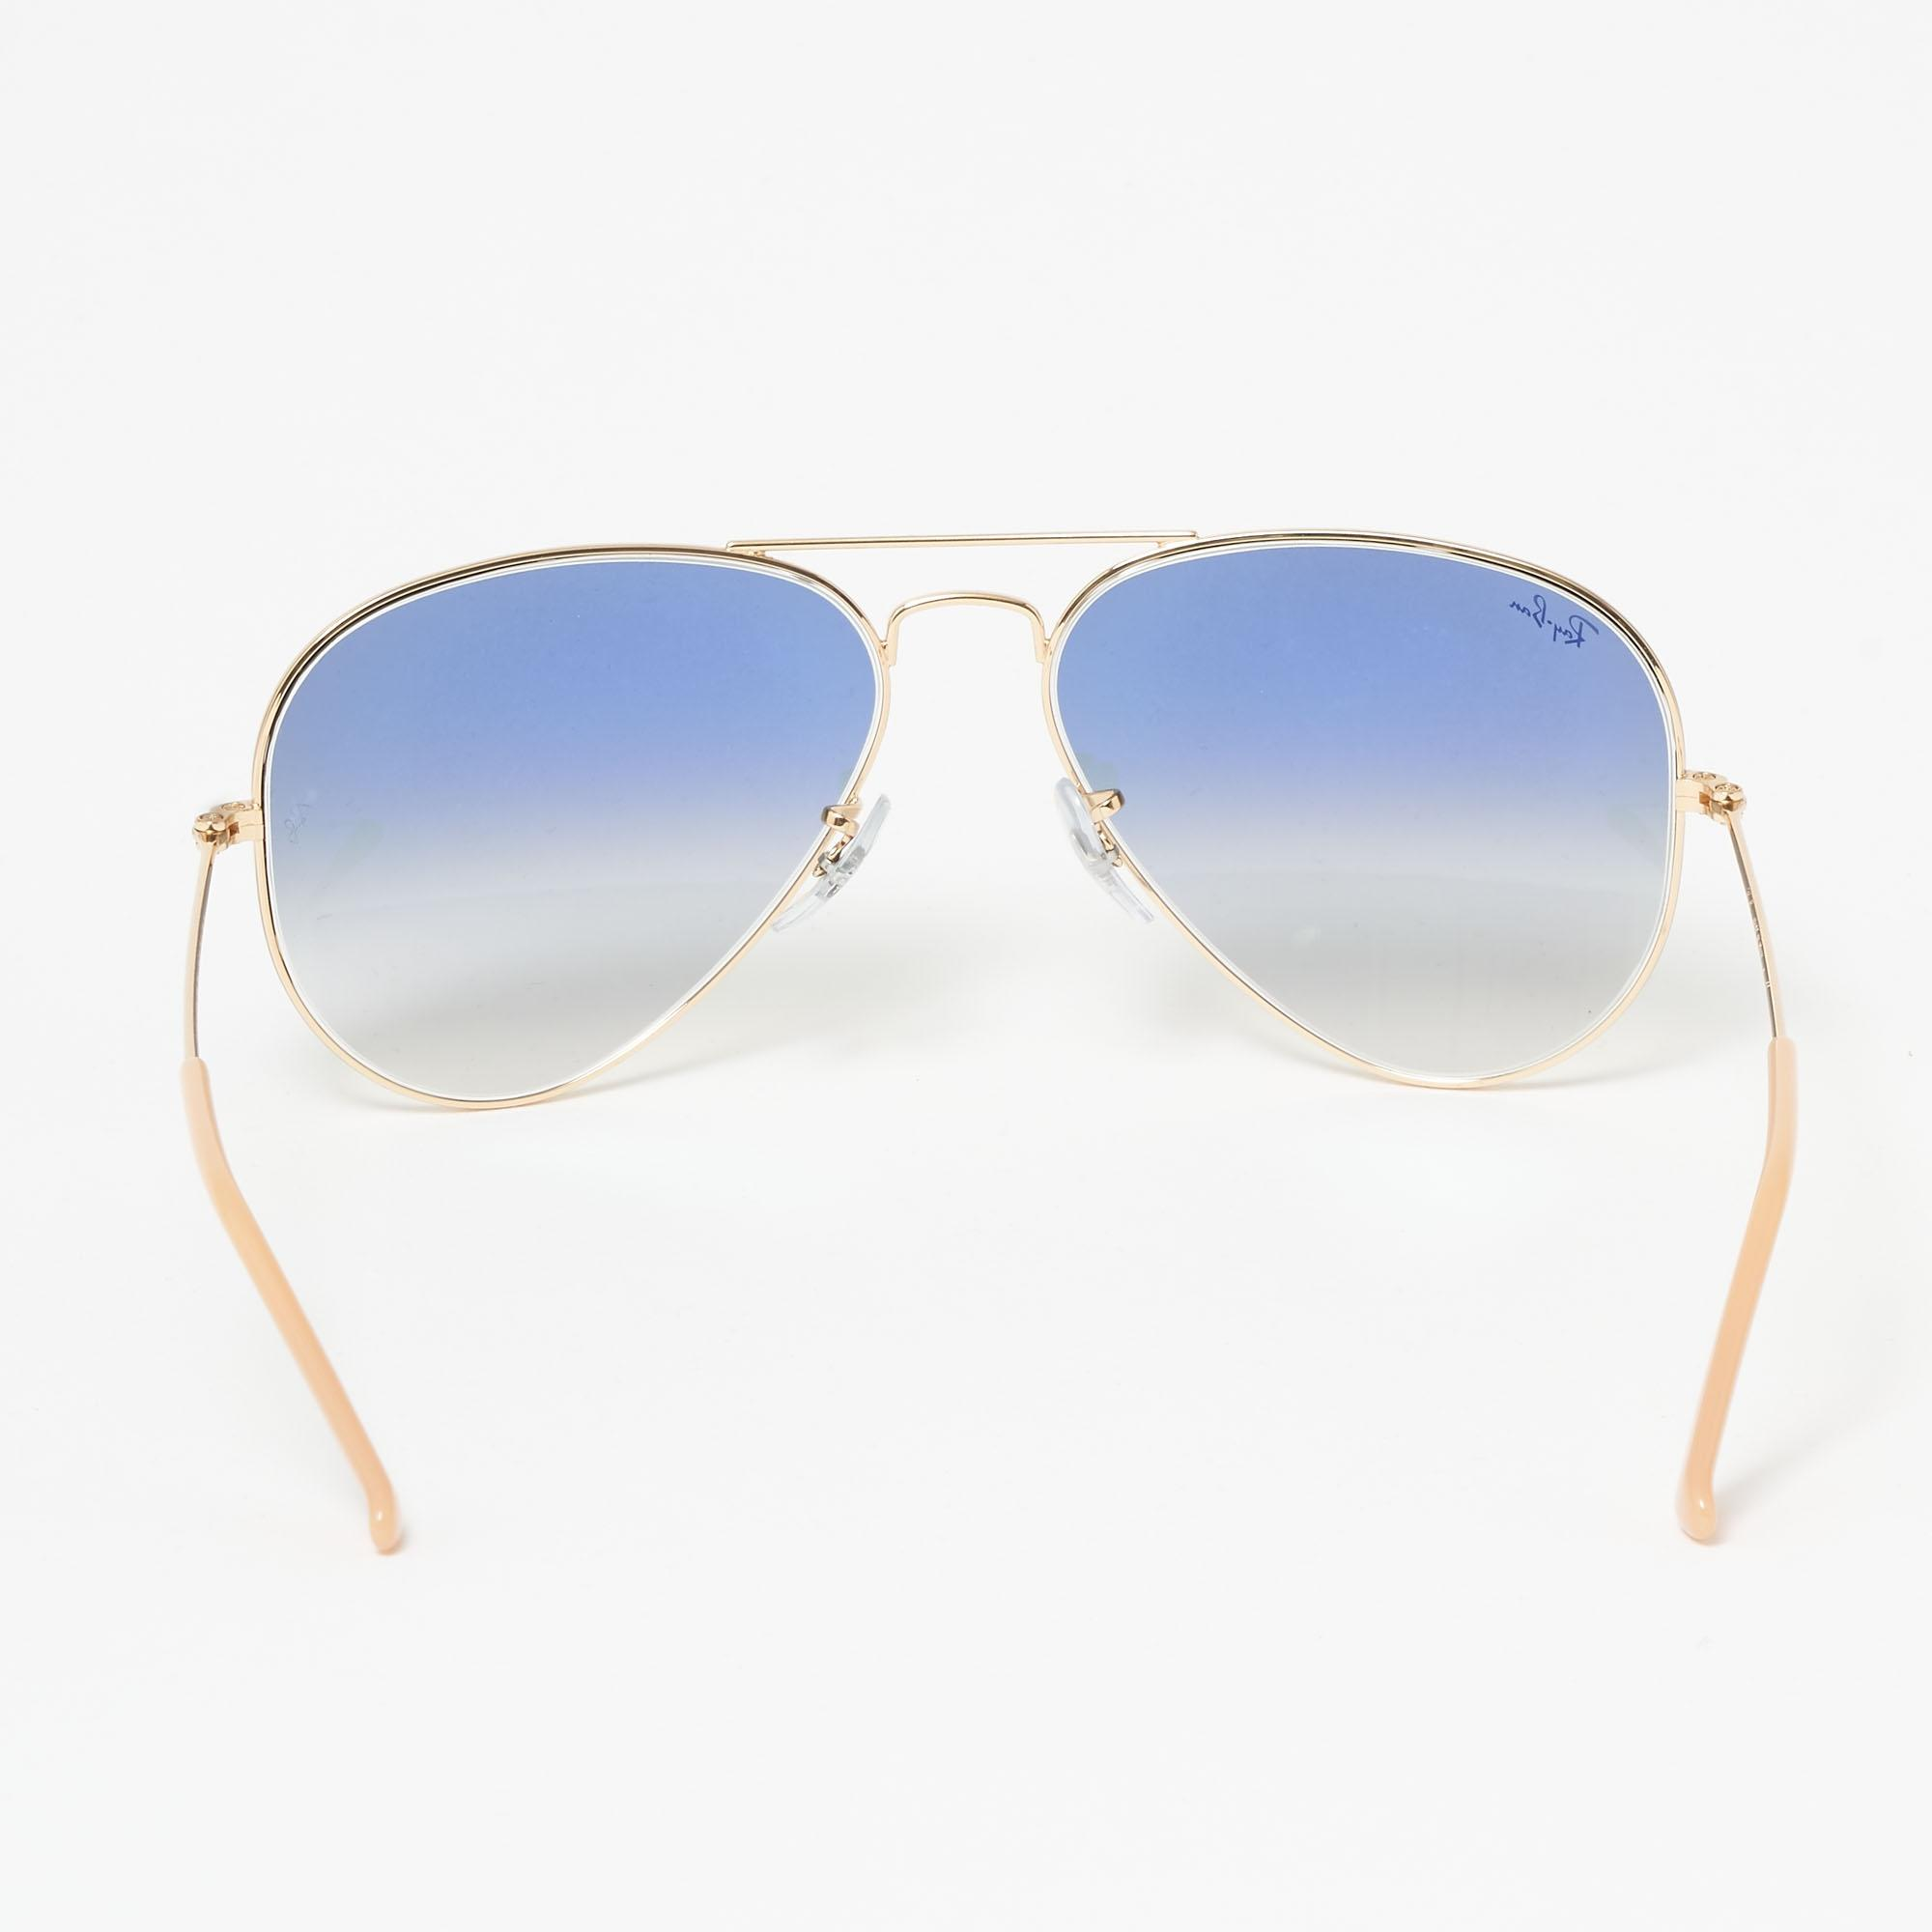 eff26baf095ba ... Sunglasses - Light Blue Gradient Lenses for Men. View fullscreen